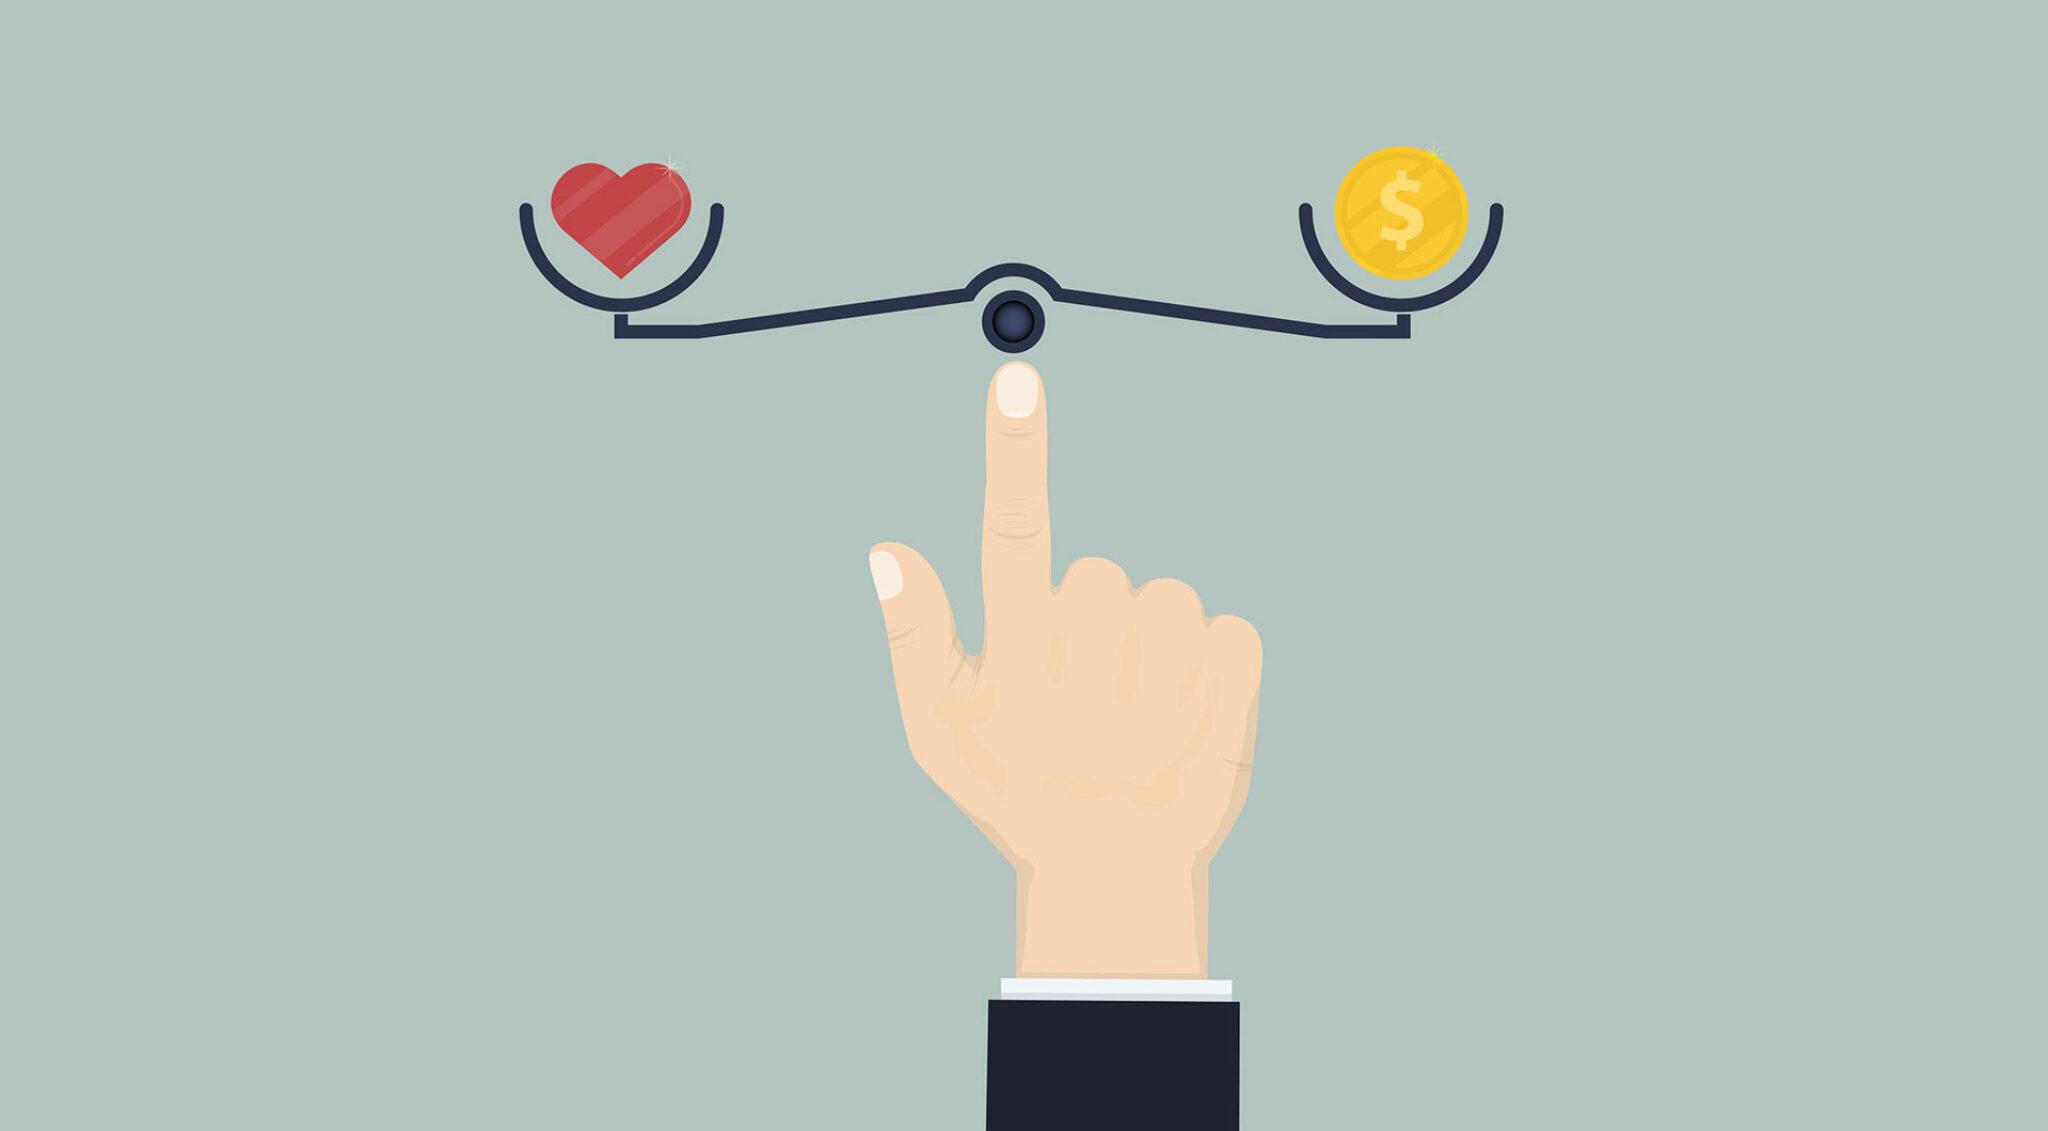 Illustration einer Waage, mit einem Herz in einer Waagschale, einer Münze in der anderen.